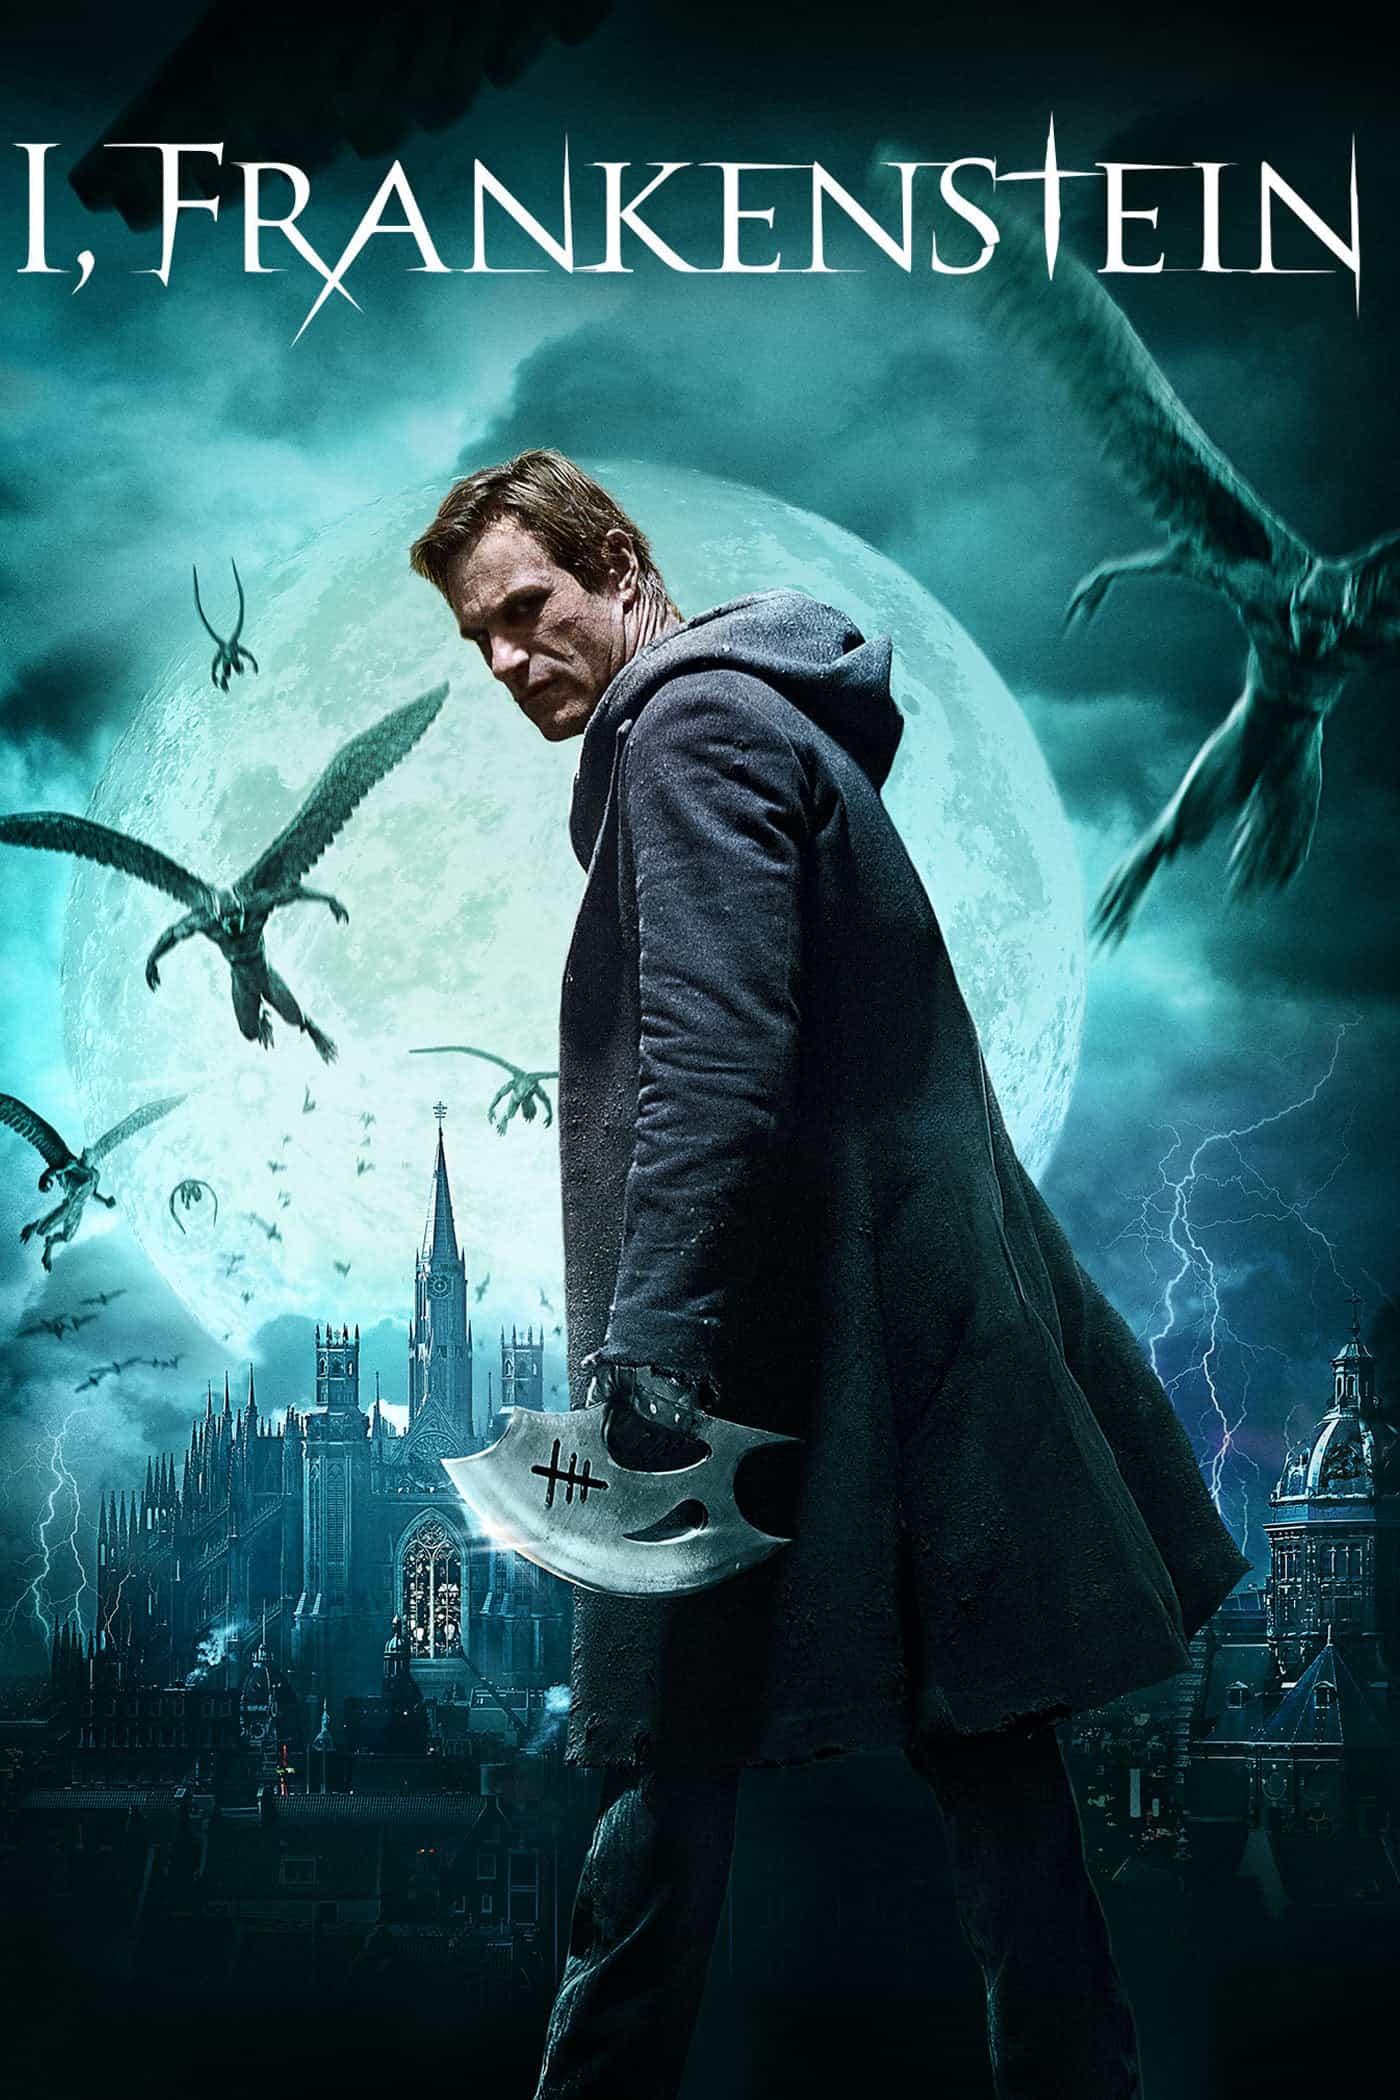 I, Frankenstein, 2014